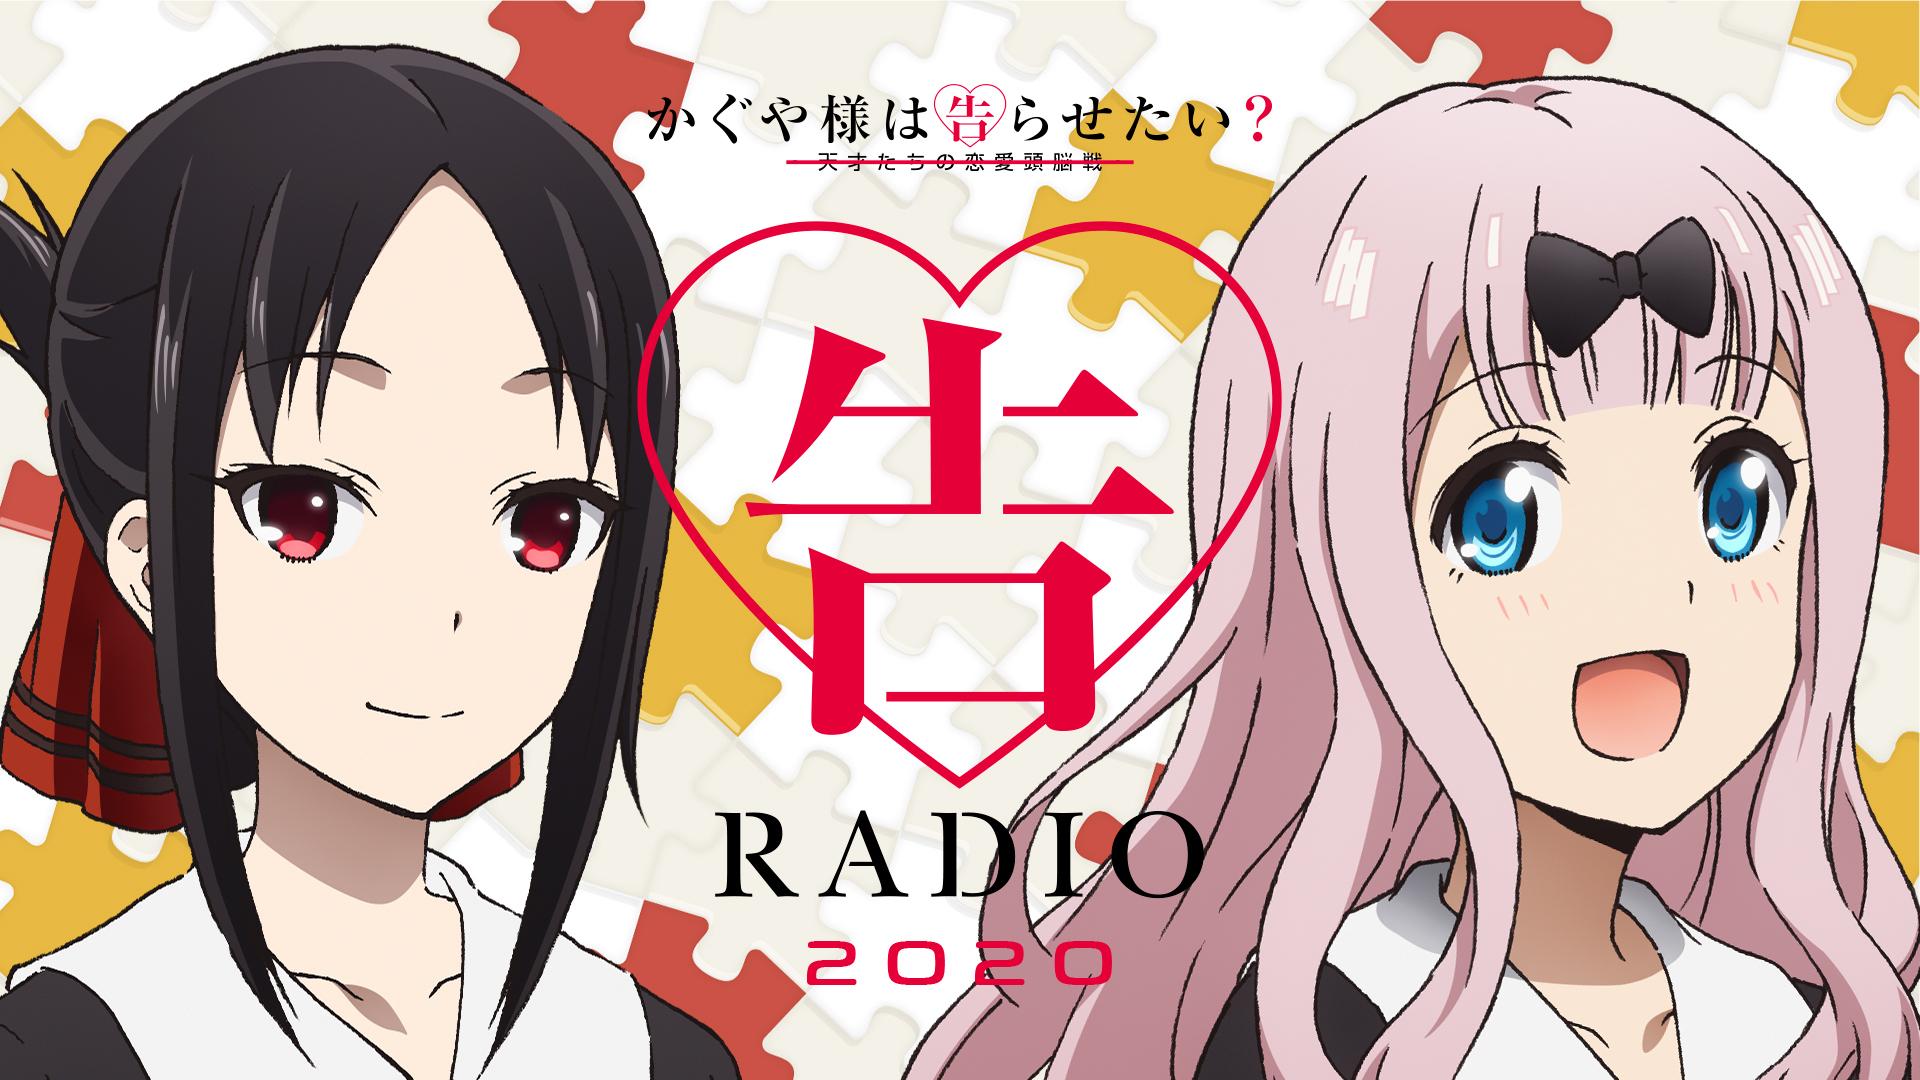 告radio インターネットラジオステーション 音泉